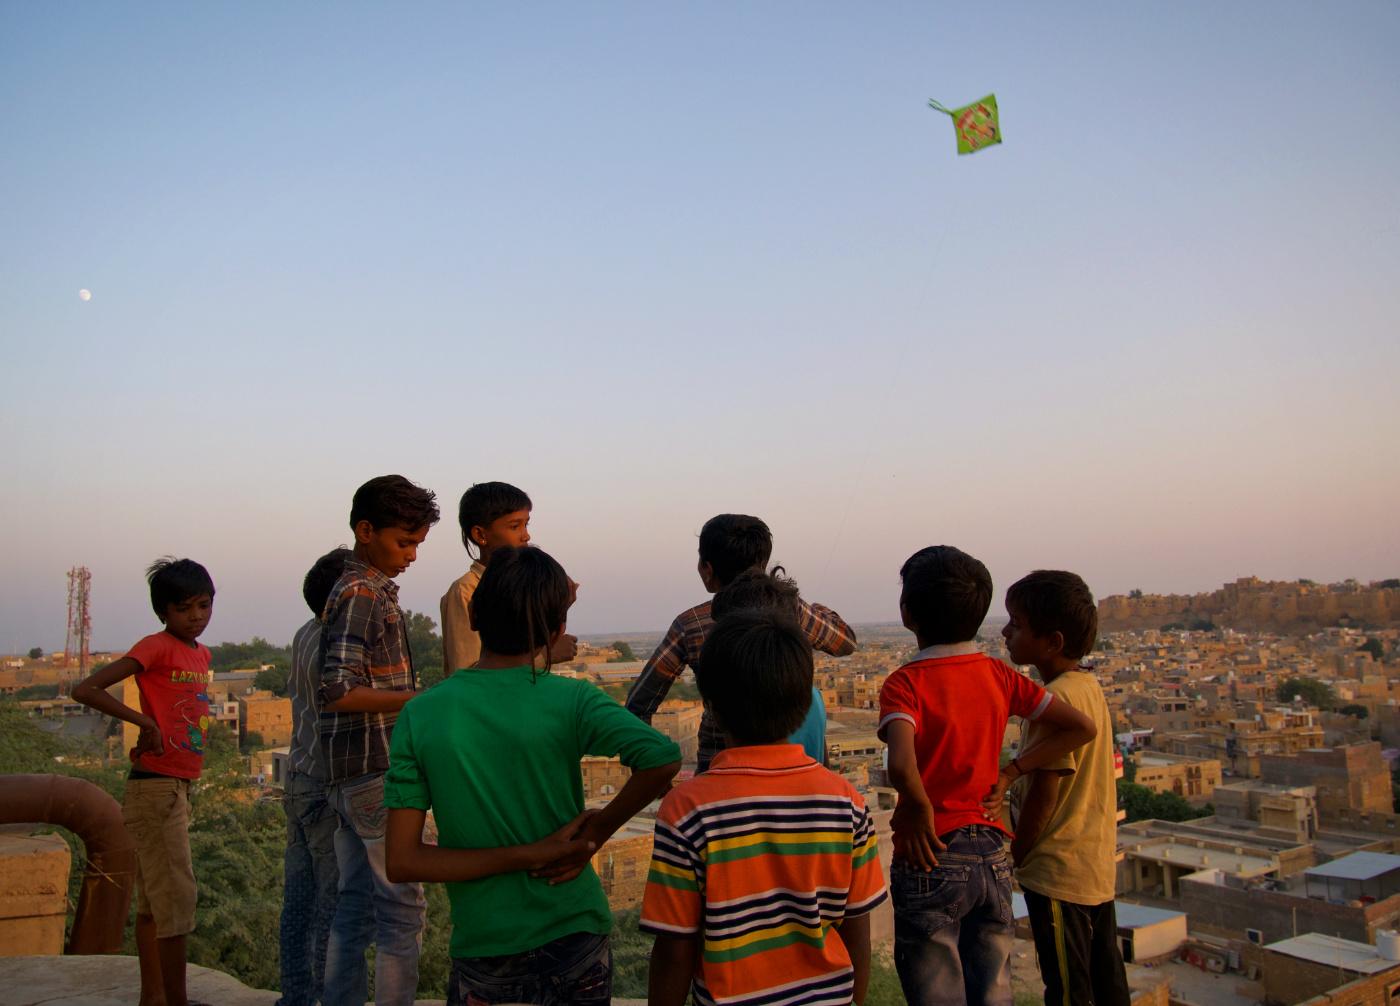 519-India-Jaisalmer